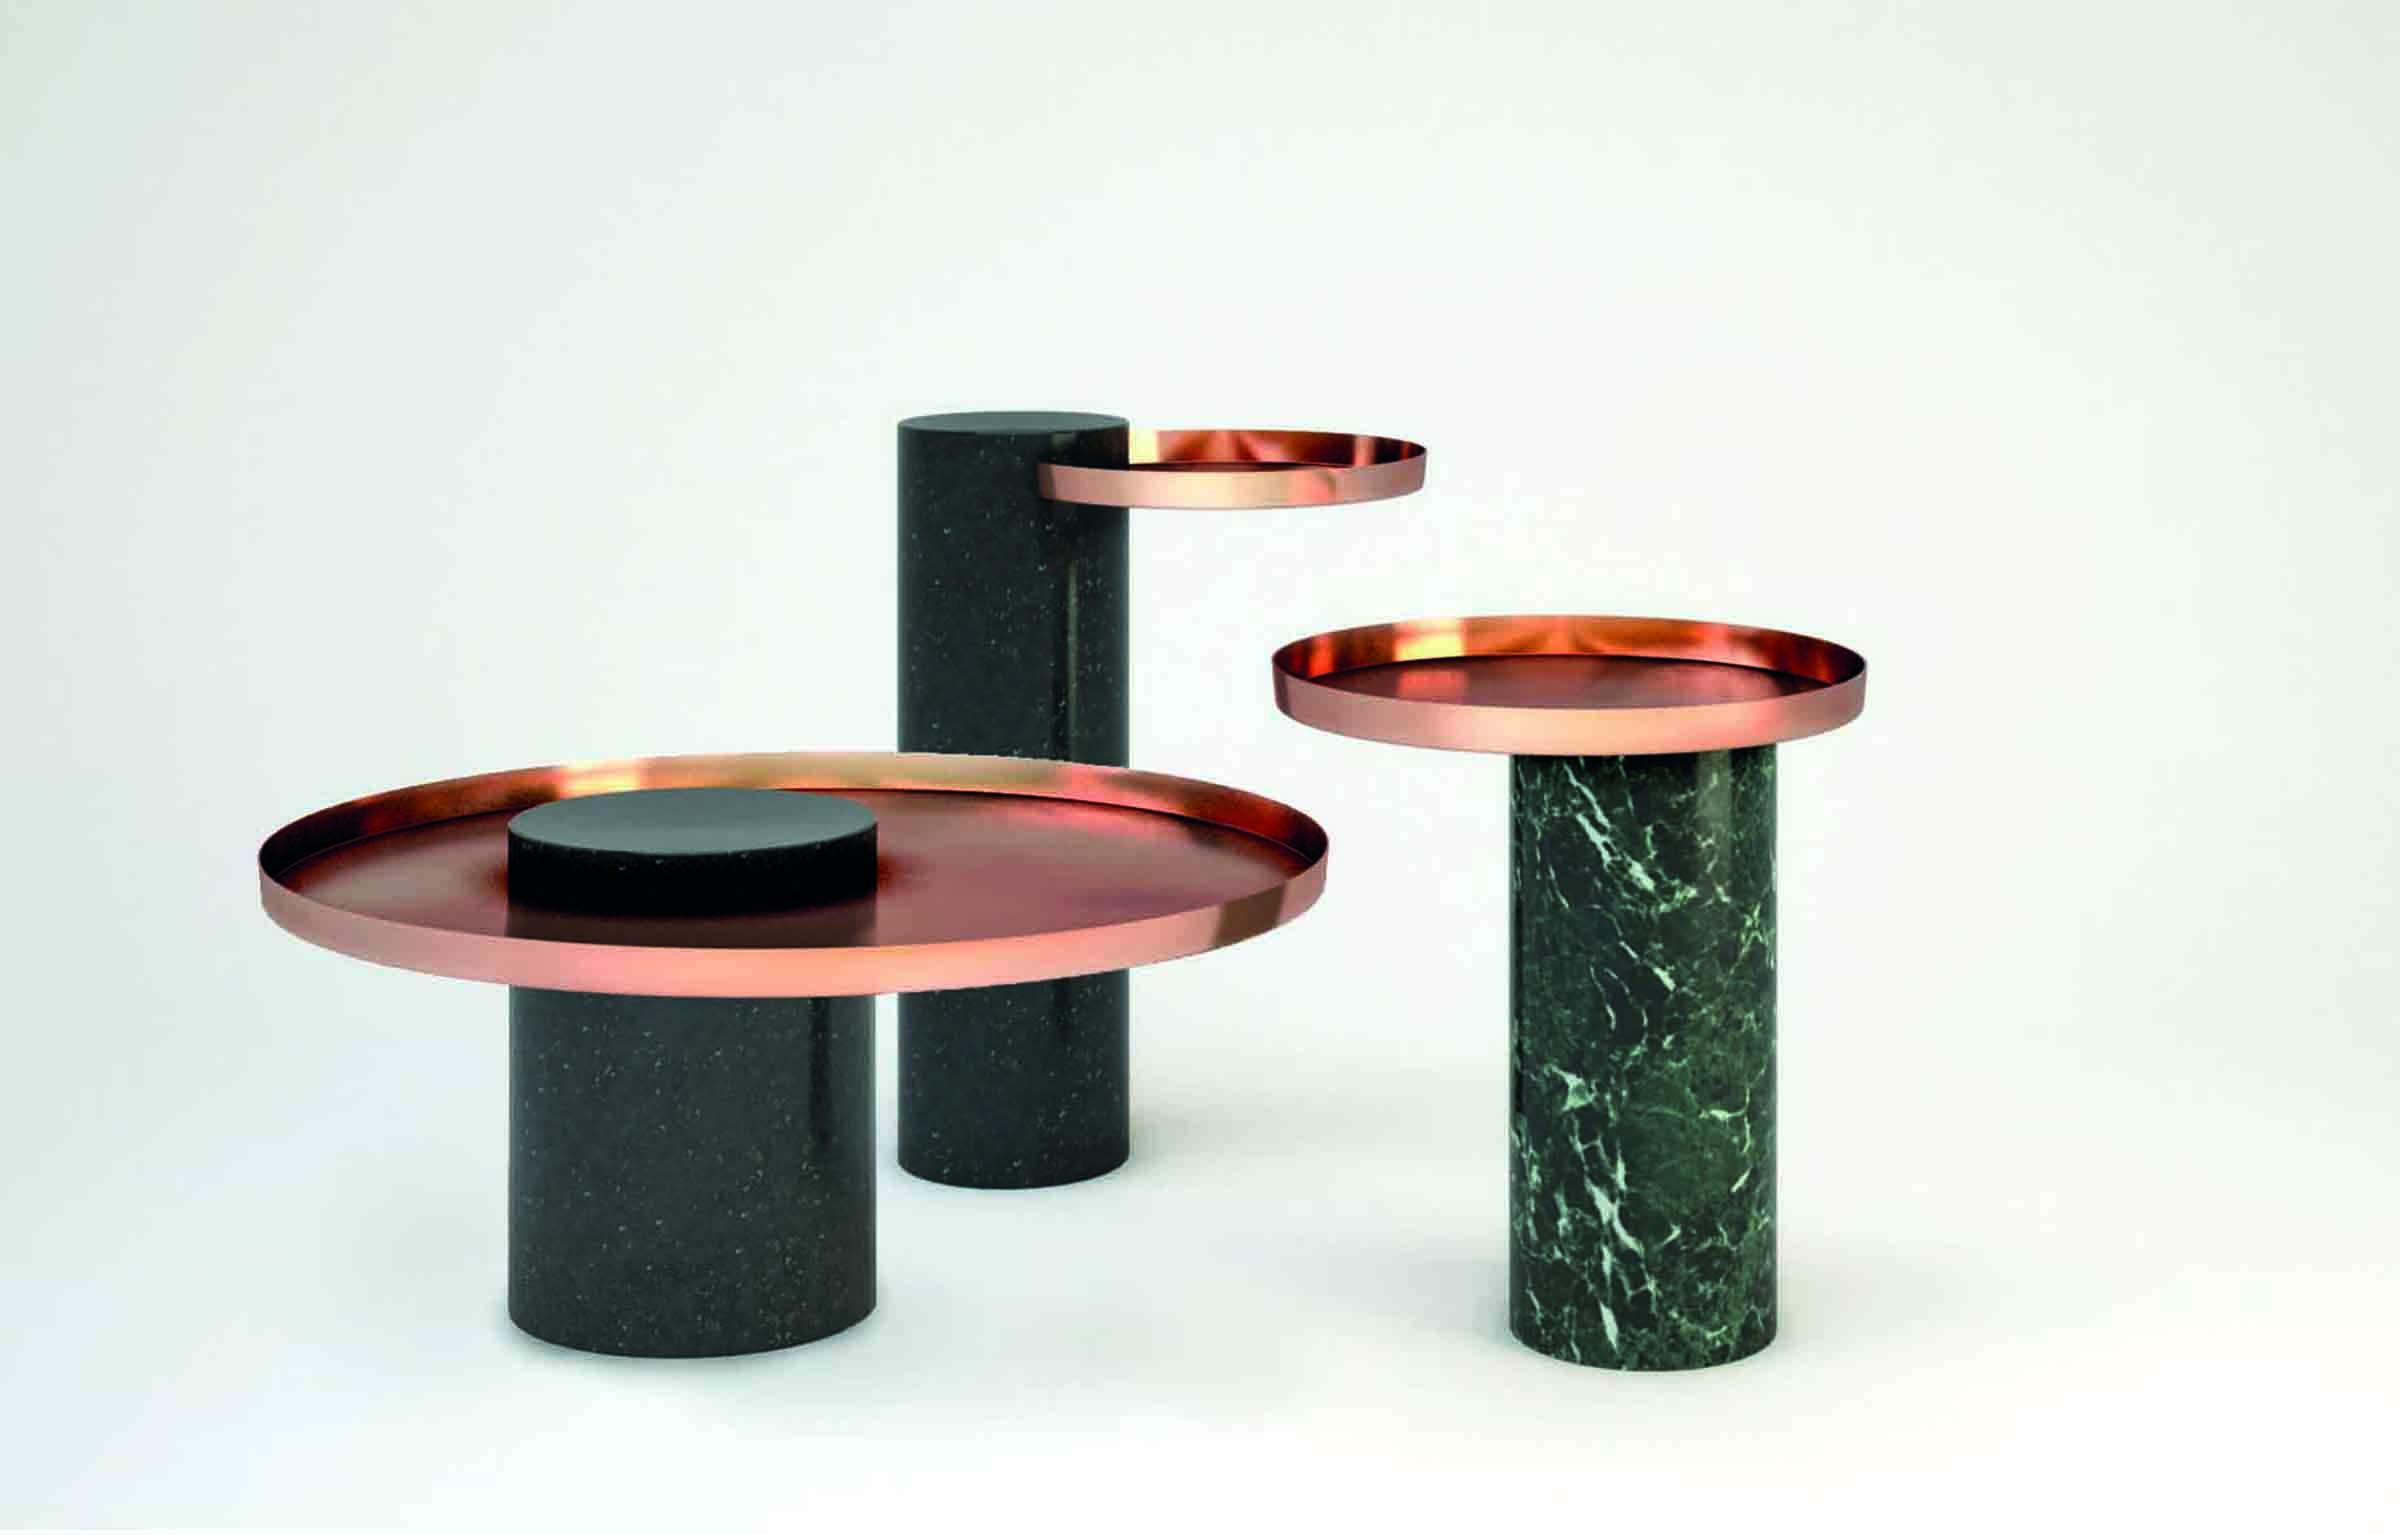 'Salute' tables, designed by Sebastian Herkner for La Chance